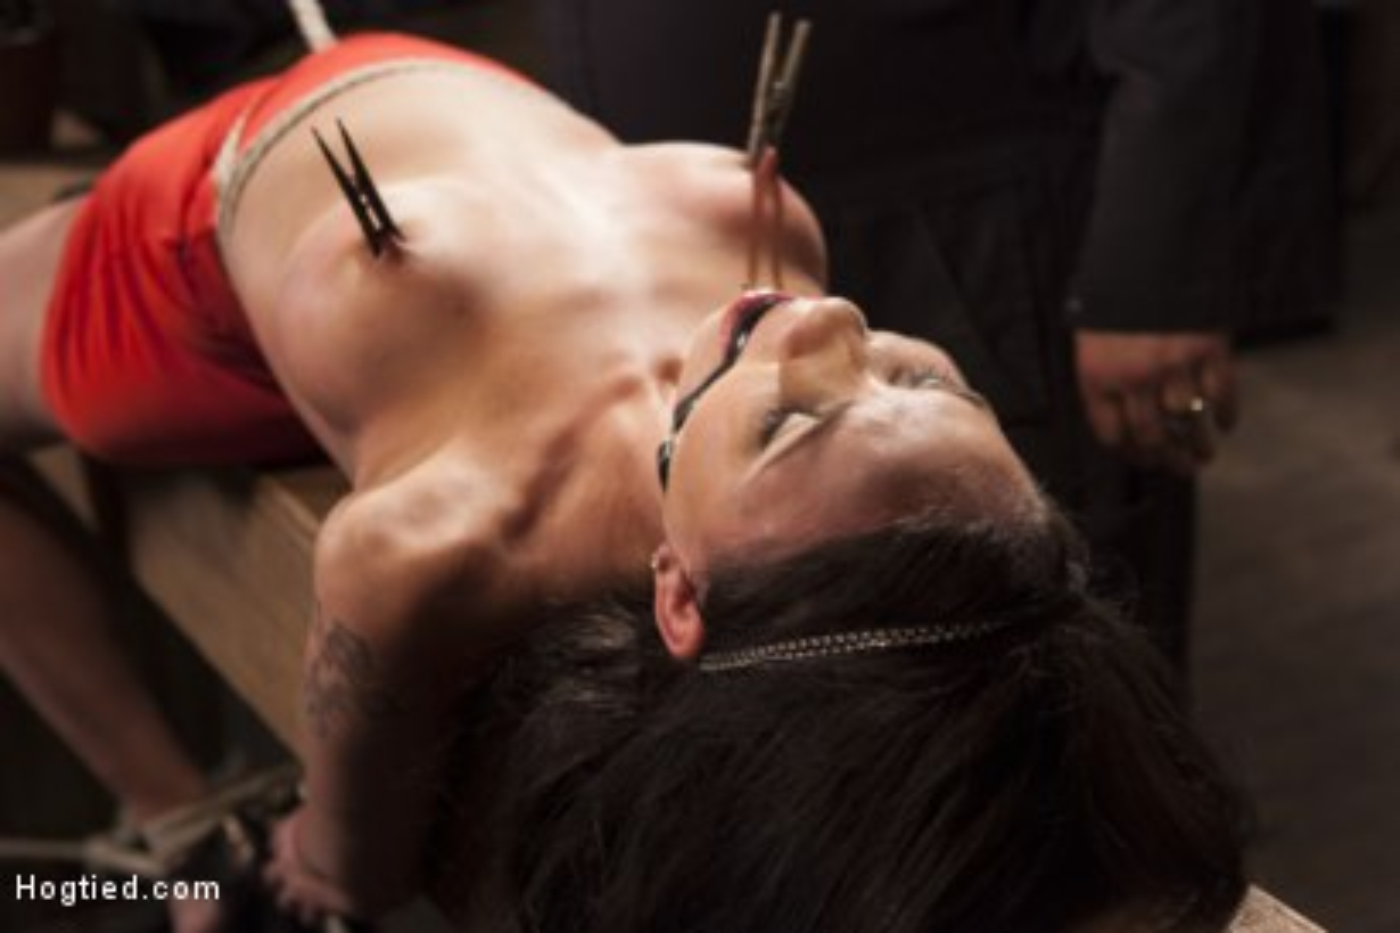 Photo number 15 from Big tit Brunette caught in brutal bondage. shot for Hogtied on Kink.com. Featuring Sgt. Major and Raven Bay in hardcore BDSM & Fetish porn.